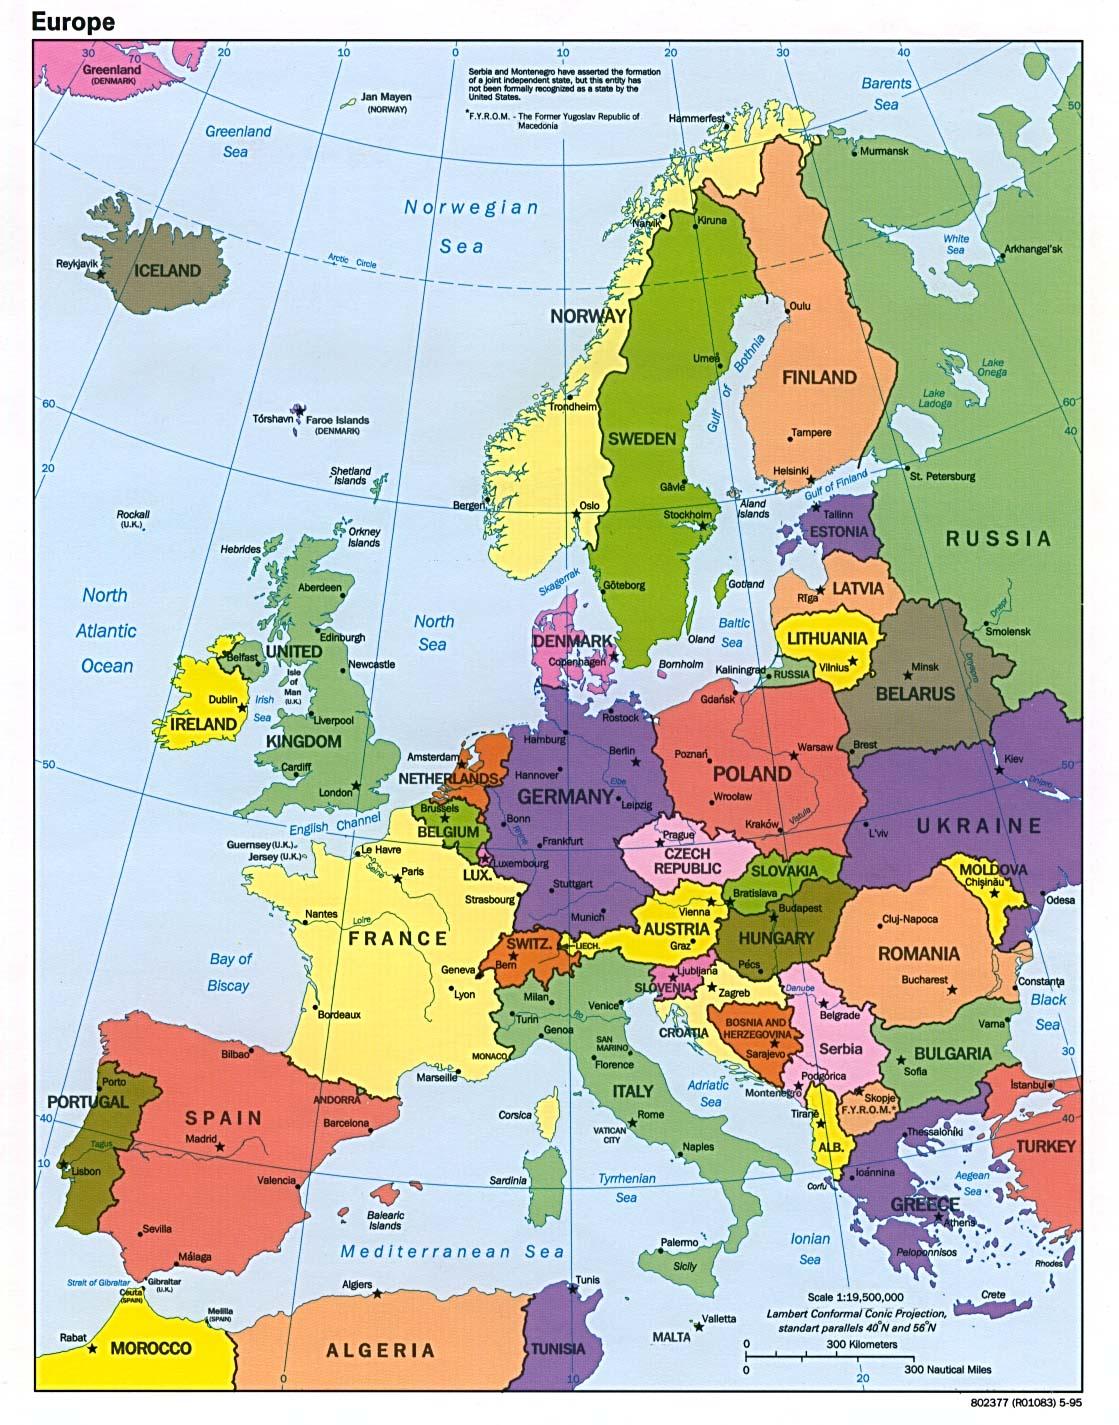 Mapa Politico de Europa 1995